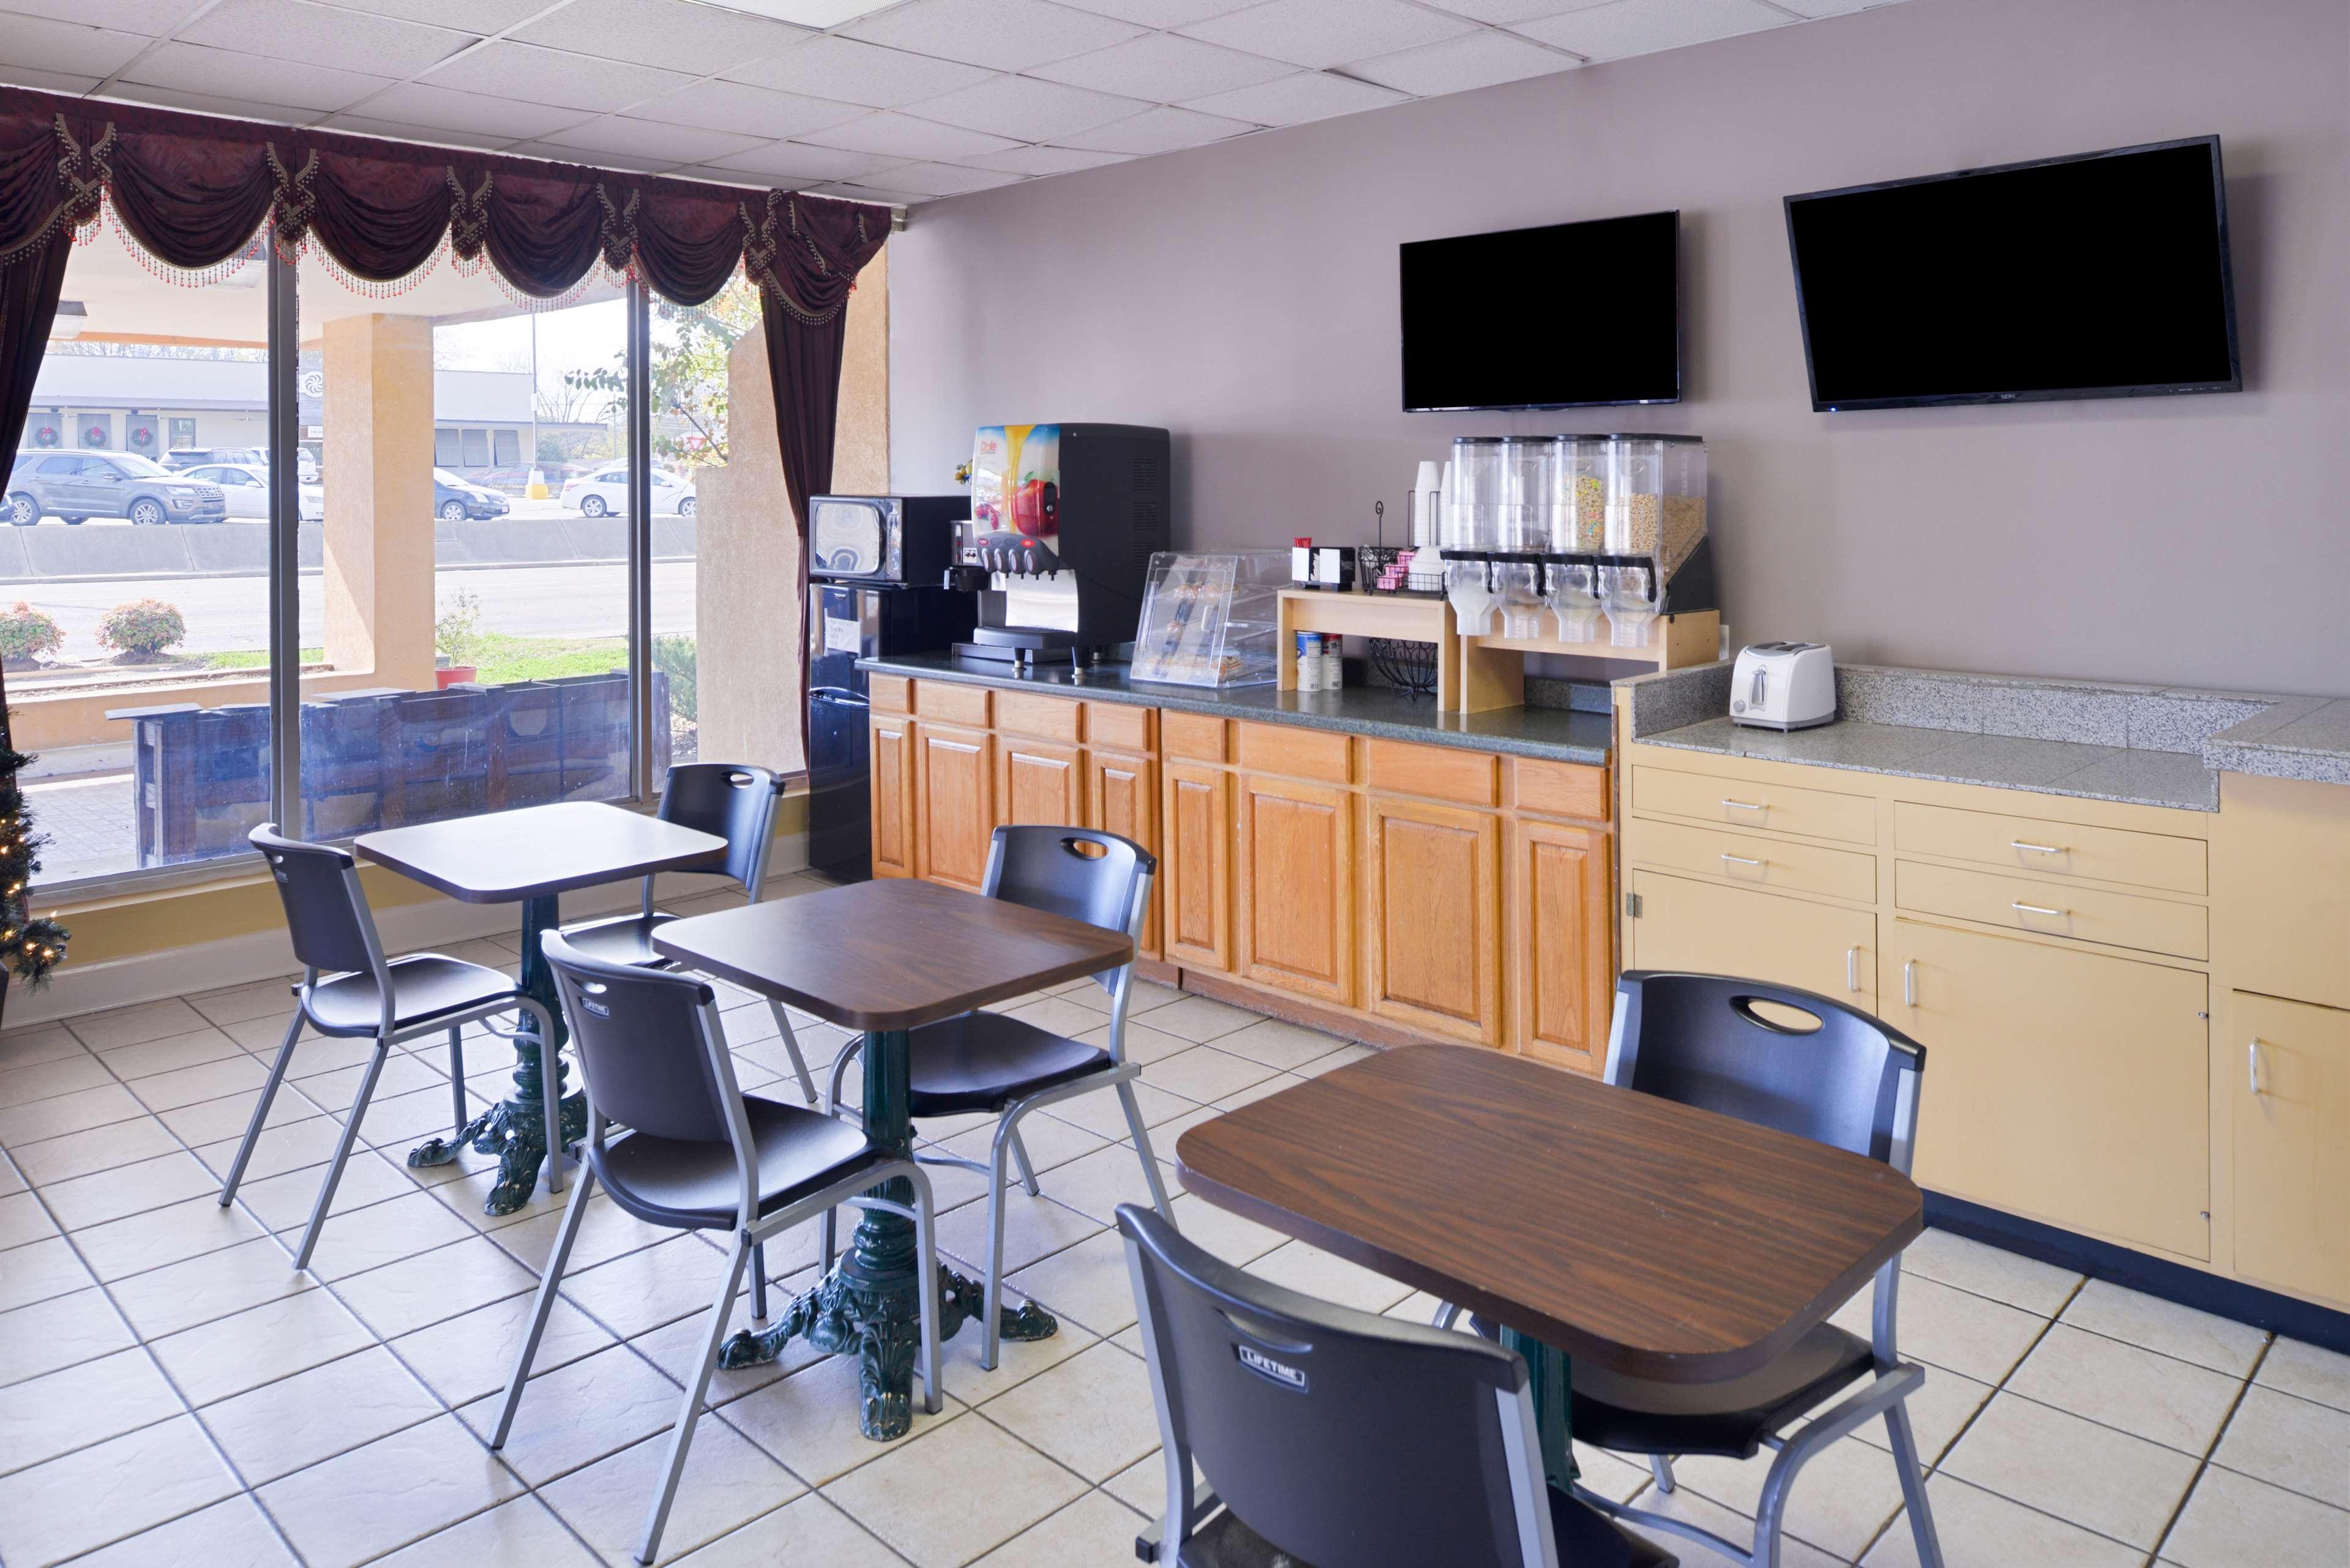 Americas Best Value Inn Suites Starkville Starkville Mississippi Ms